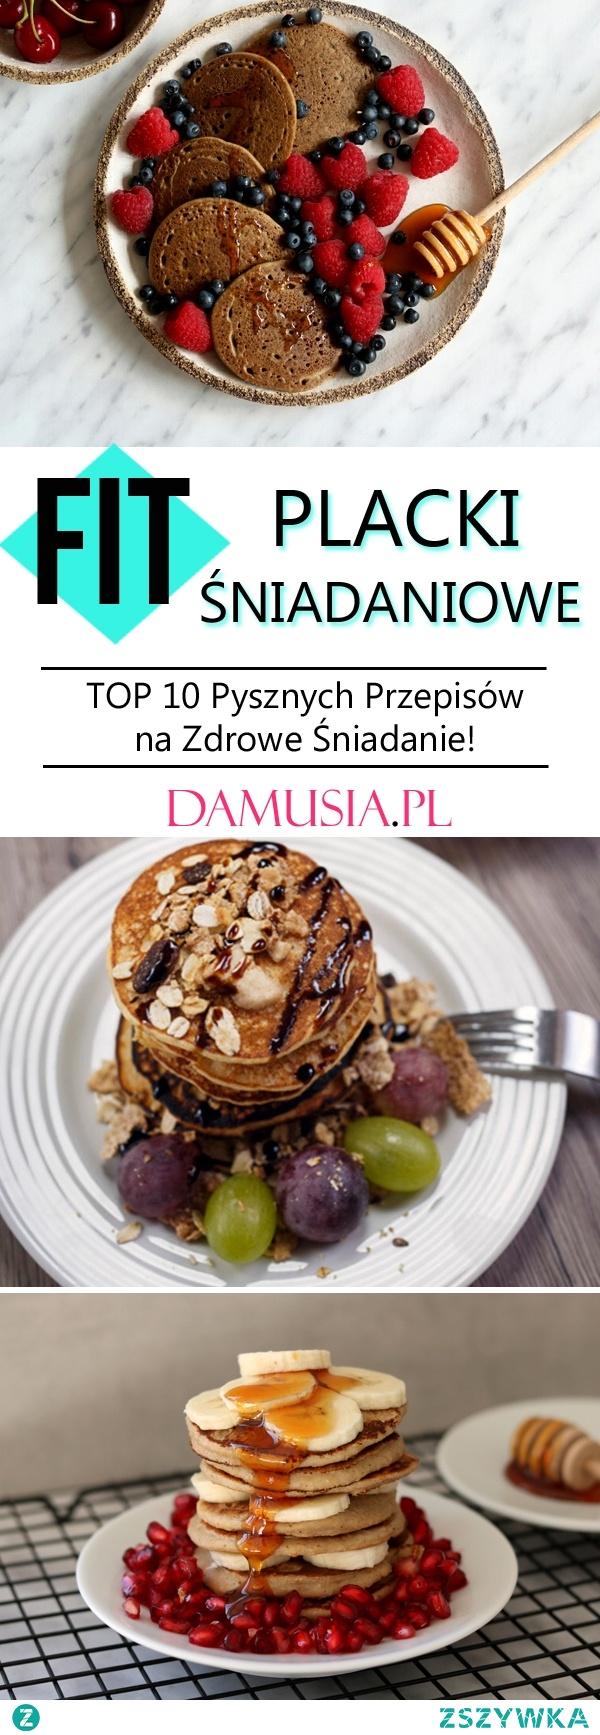 FIT Placki Śniadaniowe – TOP 10 Pysznych Przepisów na Zdrowe Śniadanie!